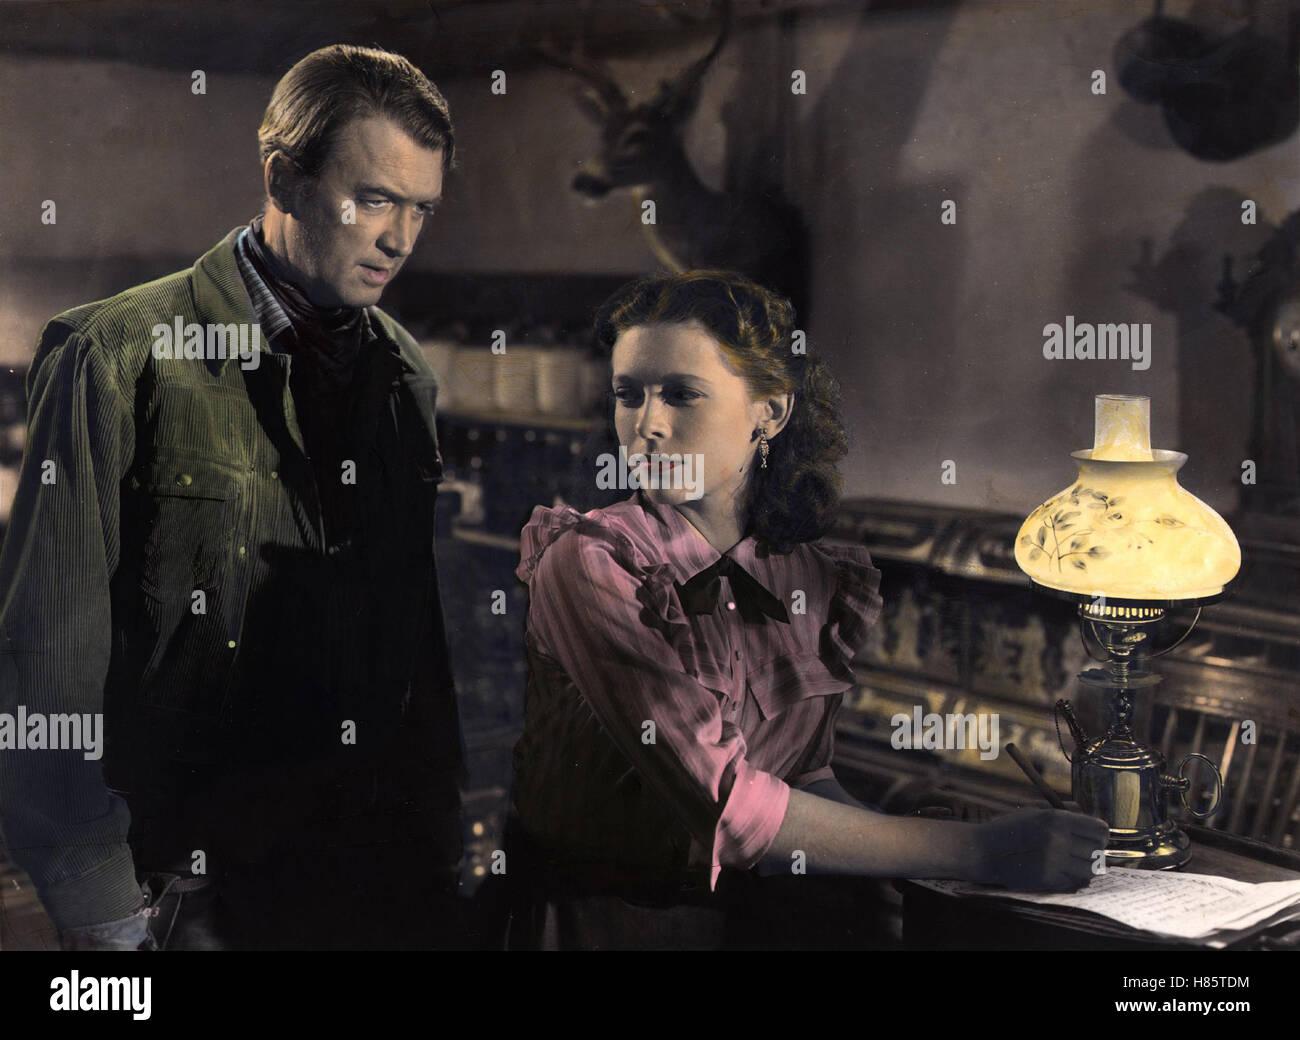 Der Mann aus Laramie, (THE MAN FROM LARAMIE) USA 1955, Regie: Anthony Mann, JAMES STEWART, CATHY O'DONNELL - Stock Image